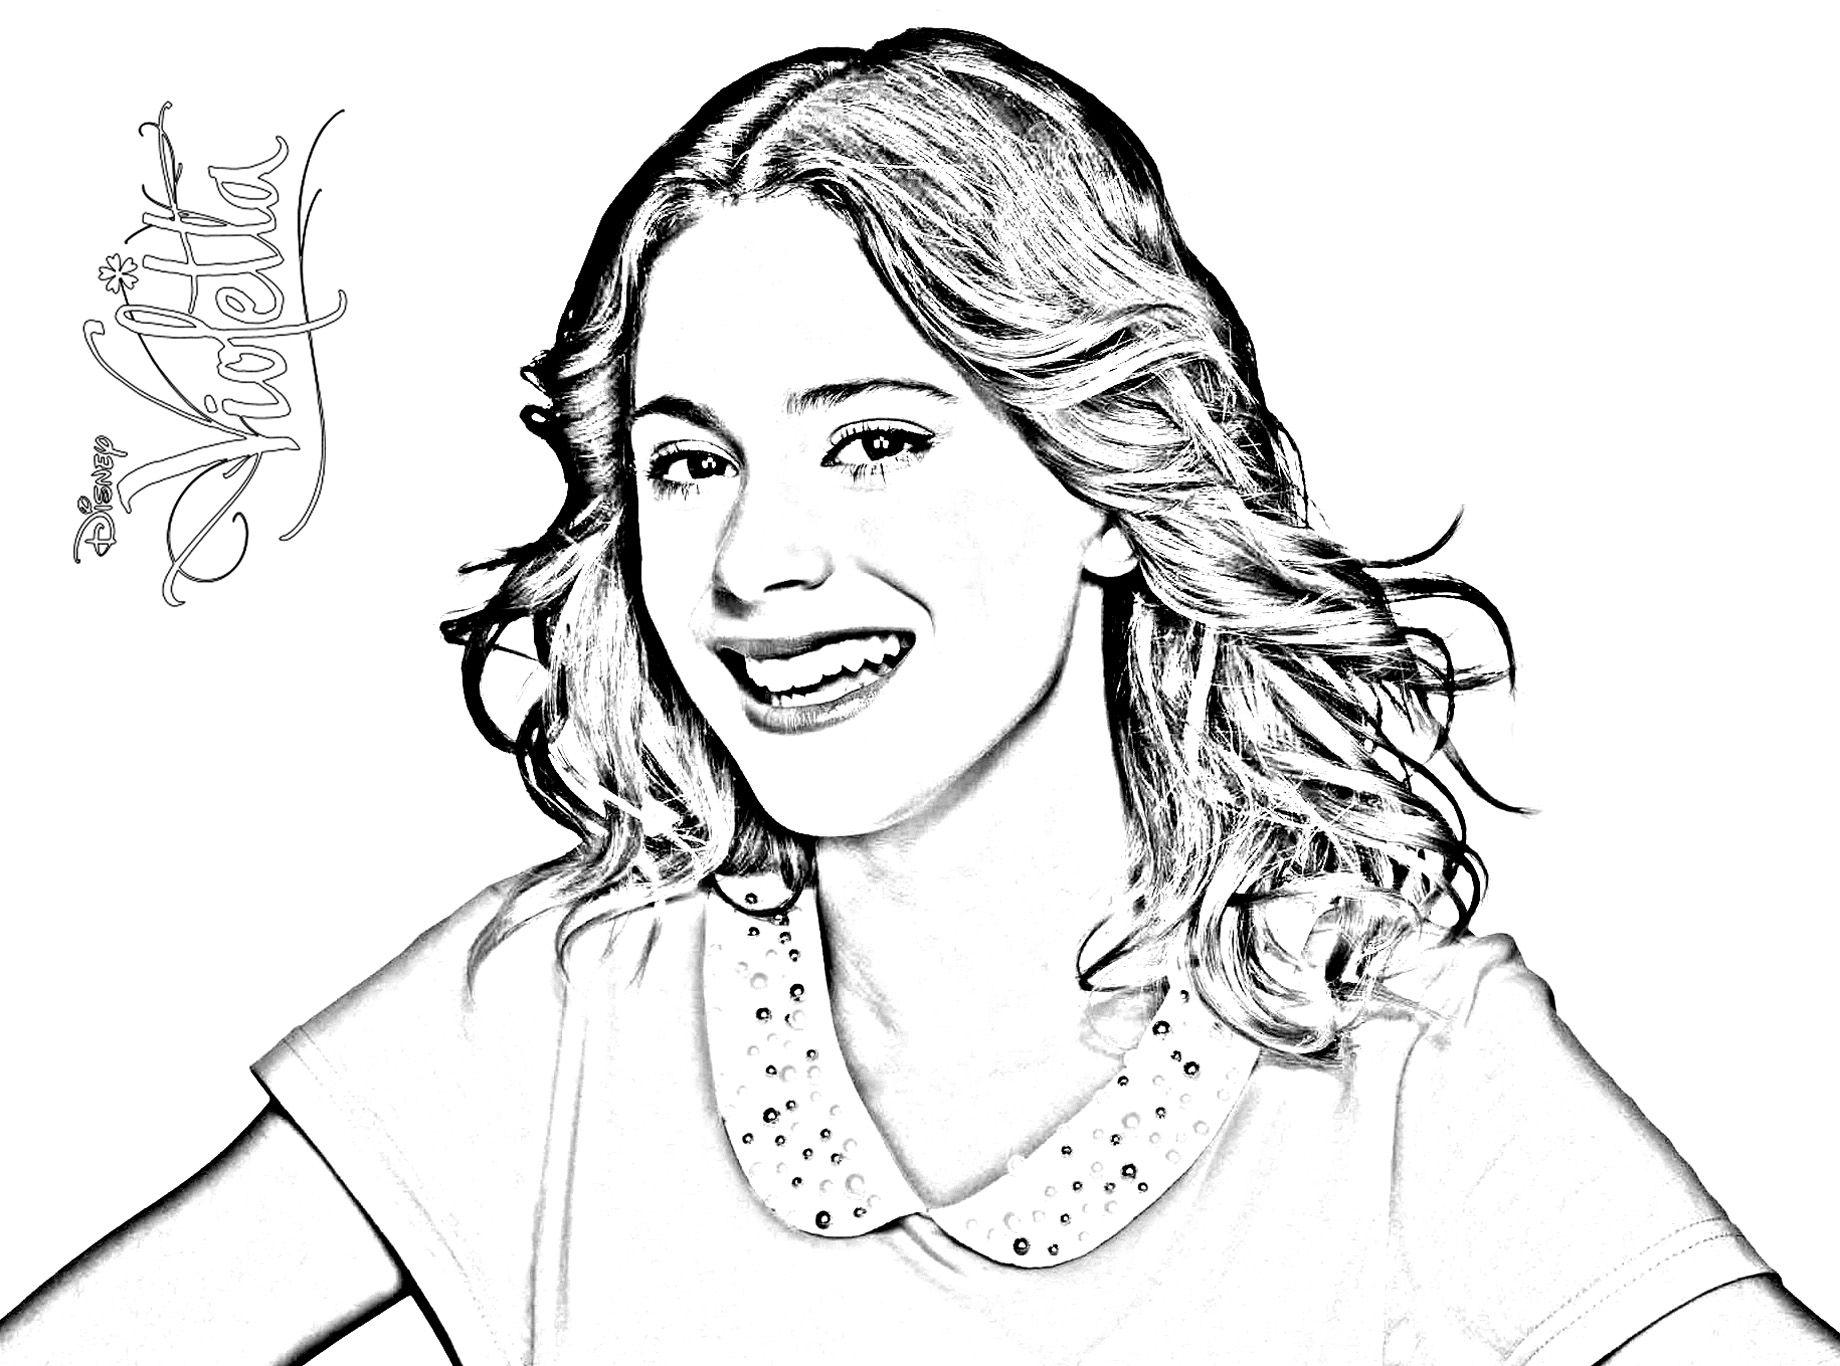 Dibujos Sin Colorear Dibujos De Violetta Disney Para: Violetta 2 Temporada Colouring Pages